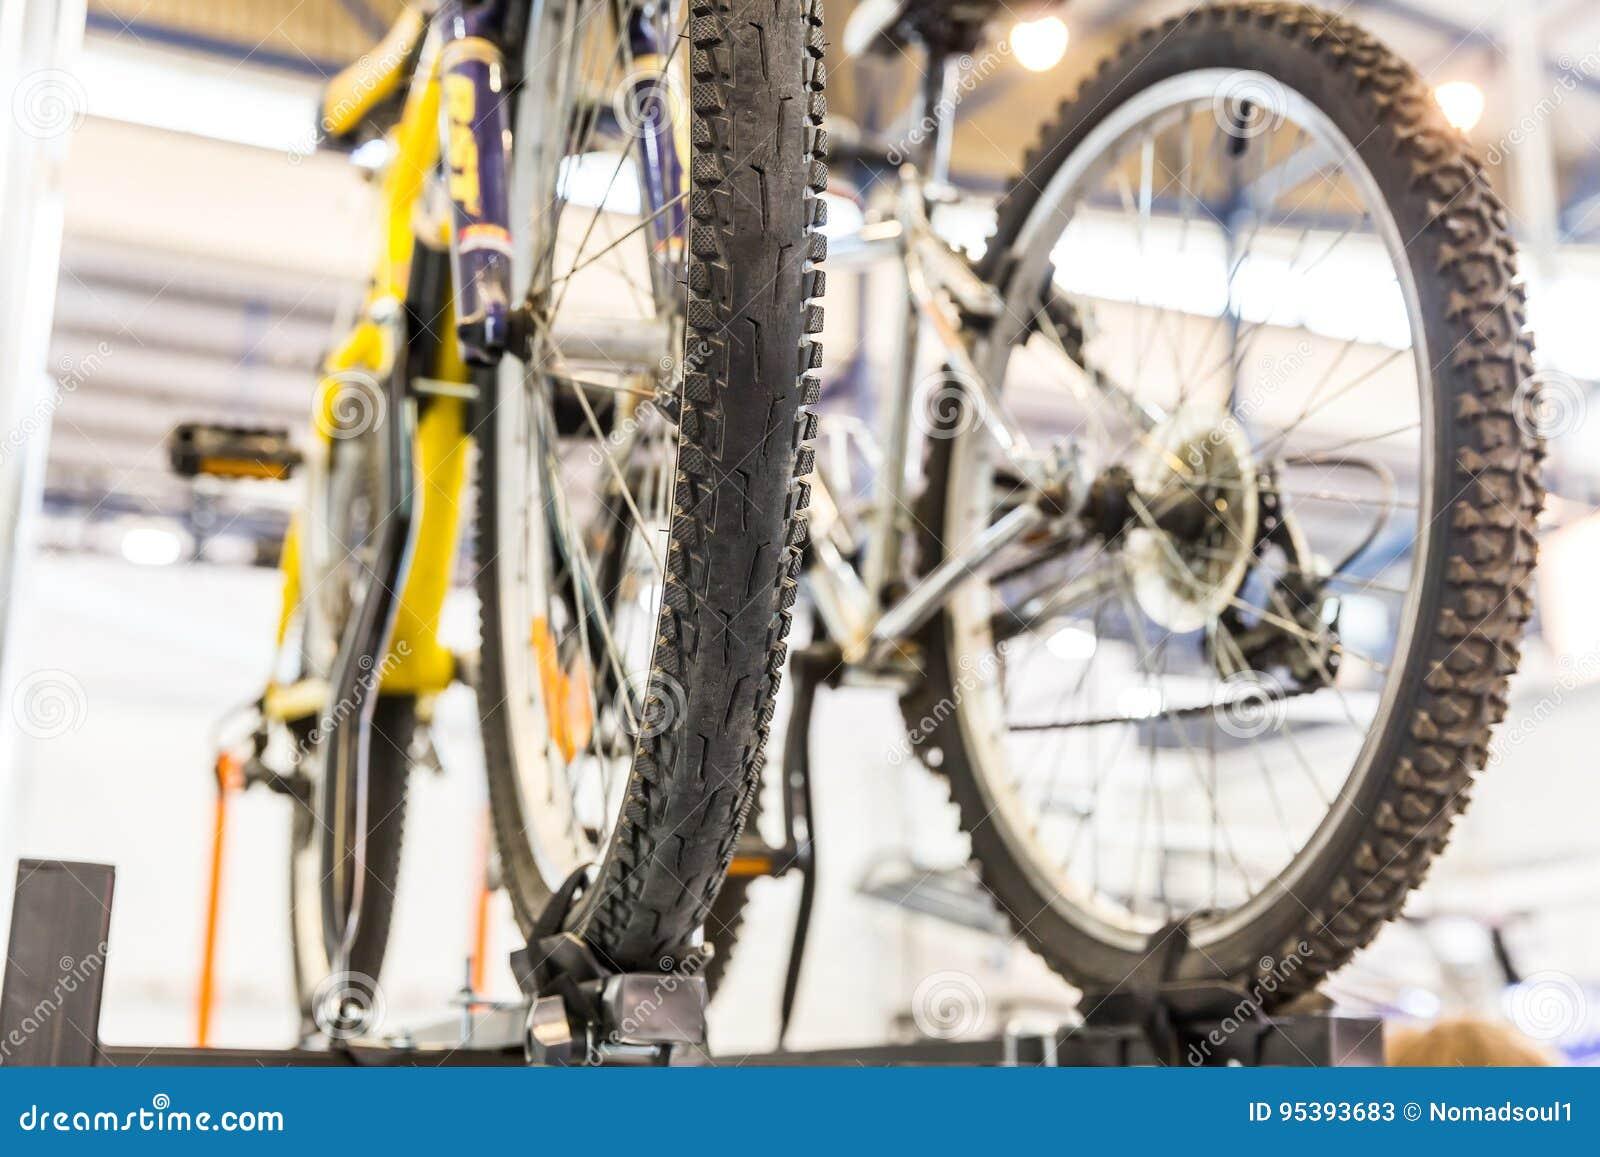 Samochodowy dachowy stojak dla roweru, rowerowy bagażnik